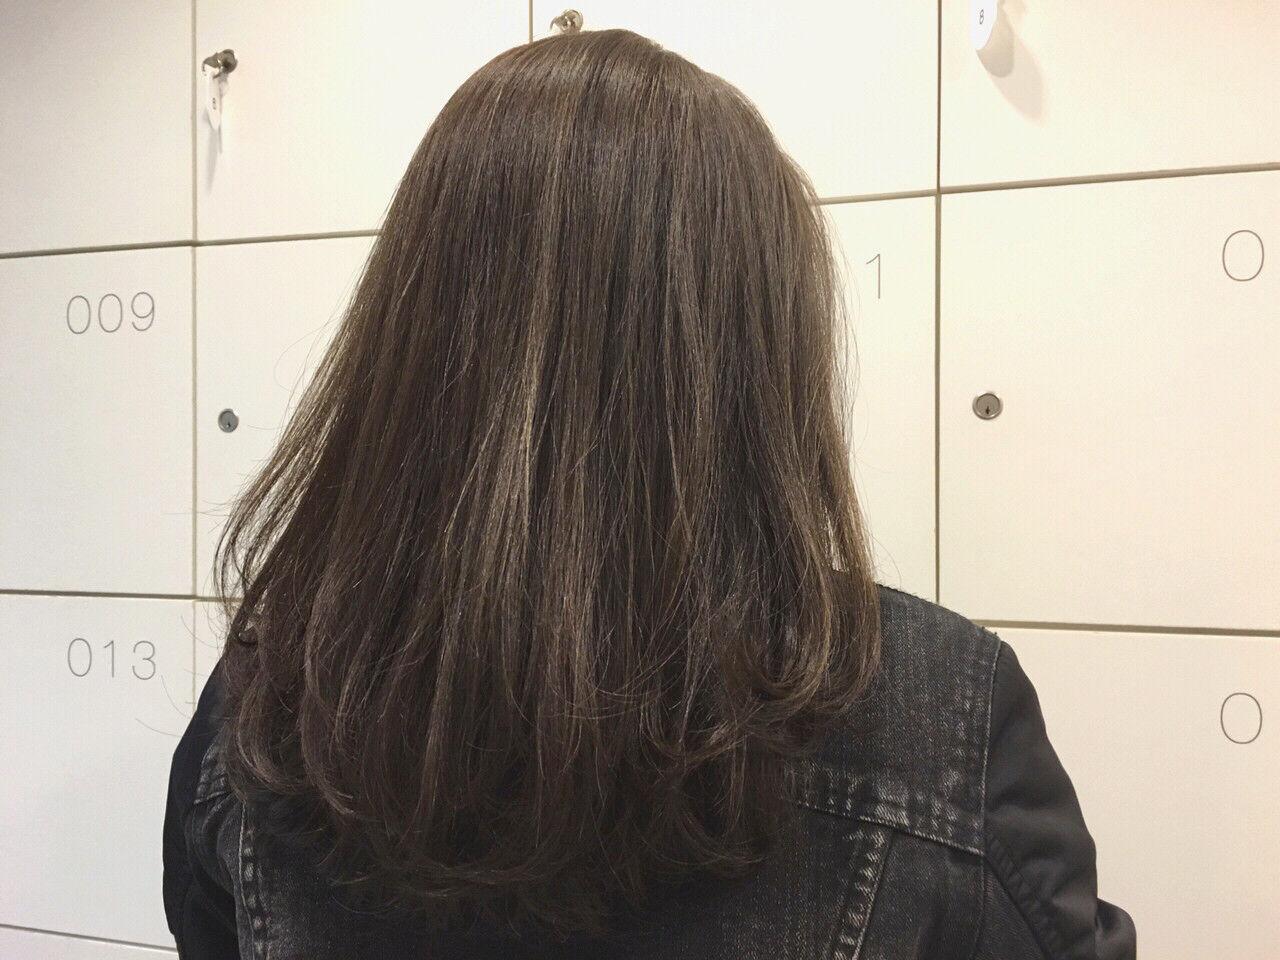 ミディアム ナチュラル アッシュグレージュ ハイライトヘアスタイルや髪型の写真・画像